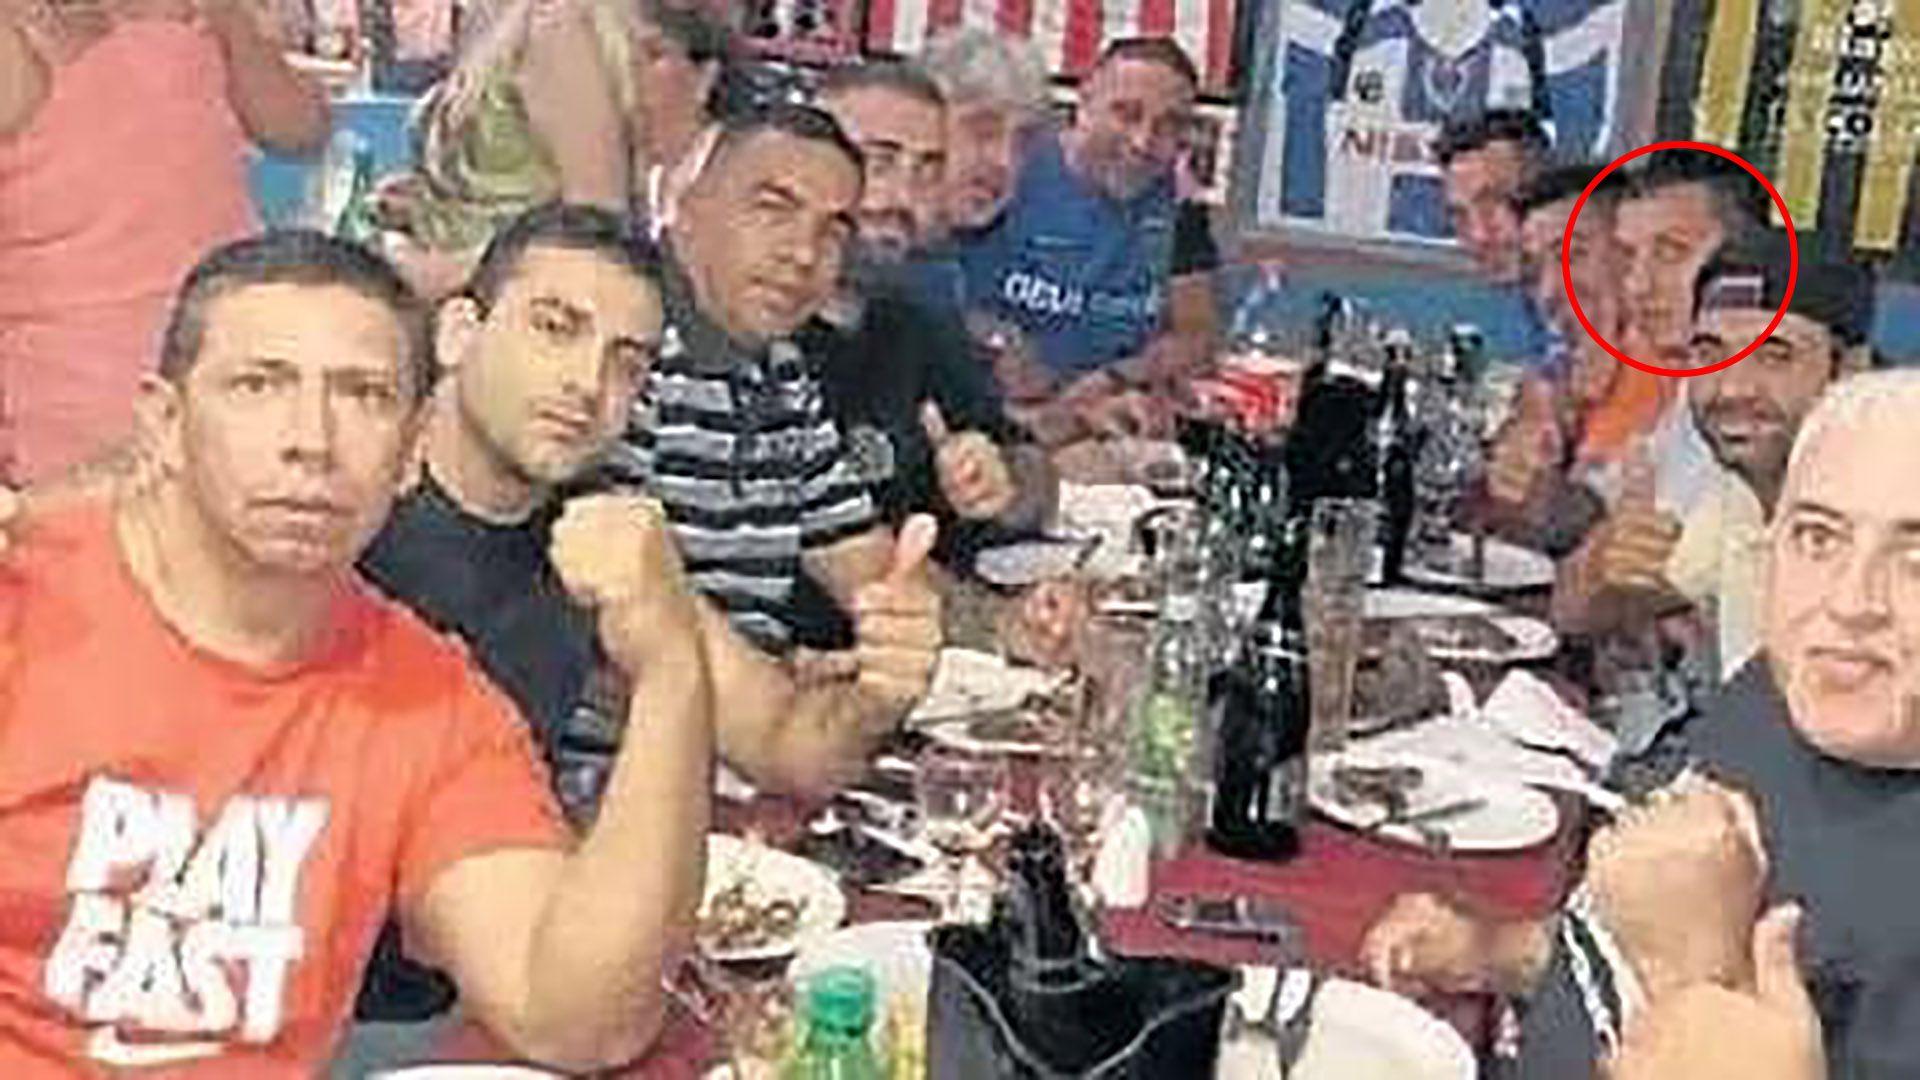 cena de la barra de Boca - Ariel Maximiliano Pinazzi